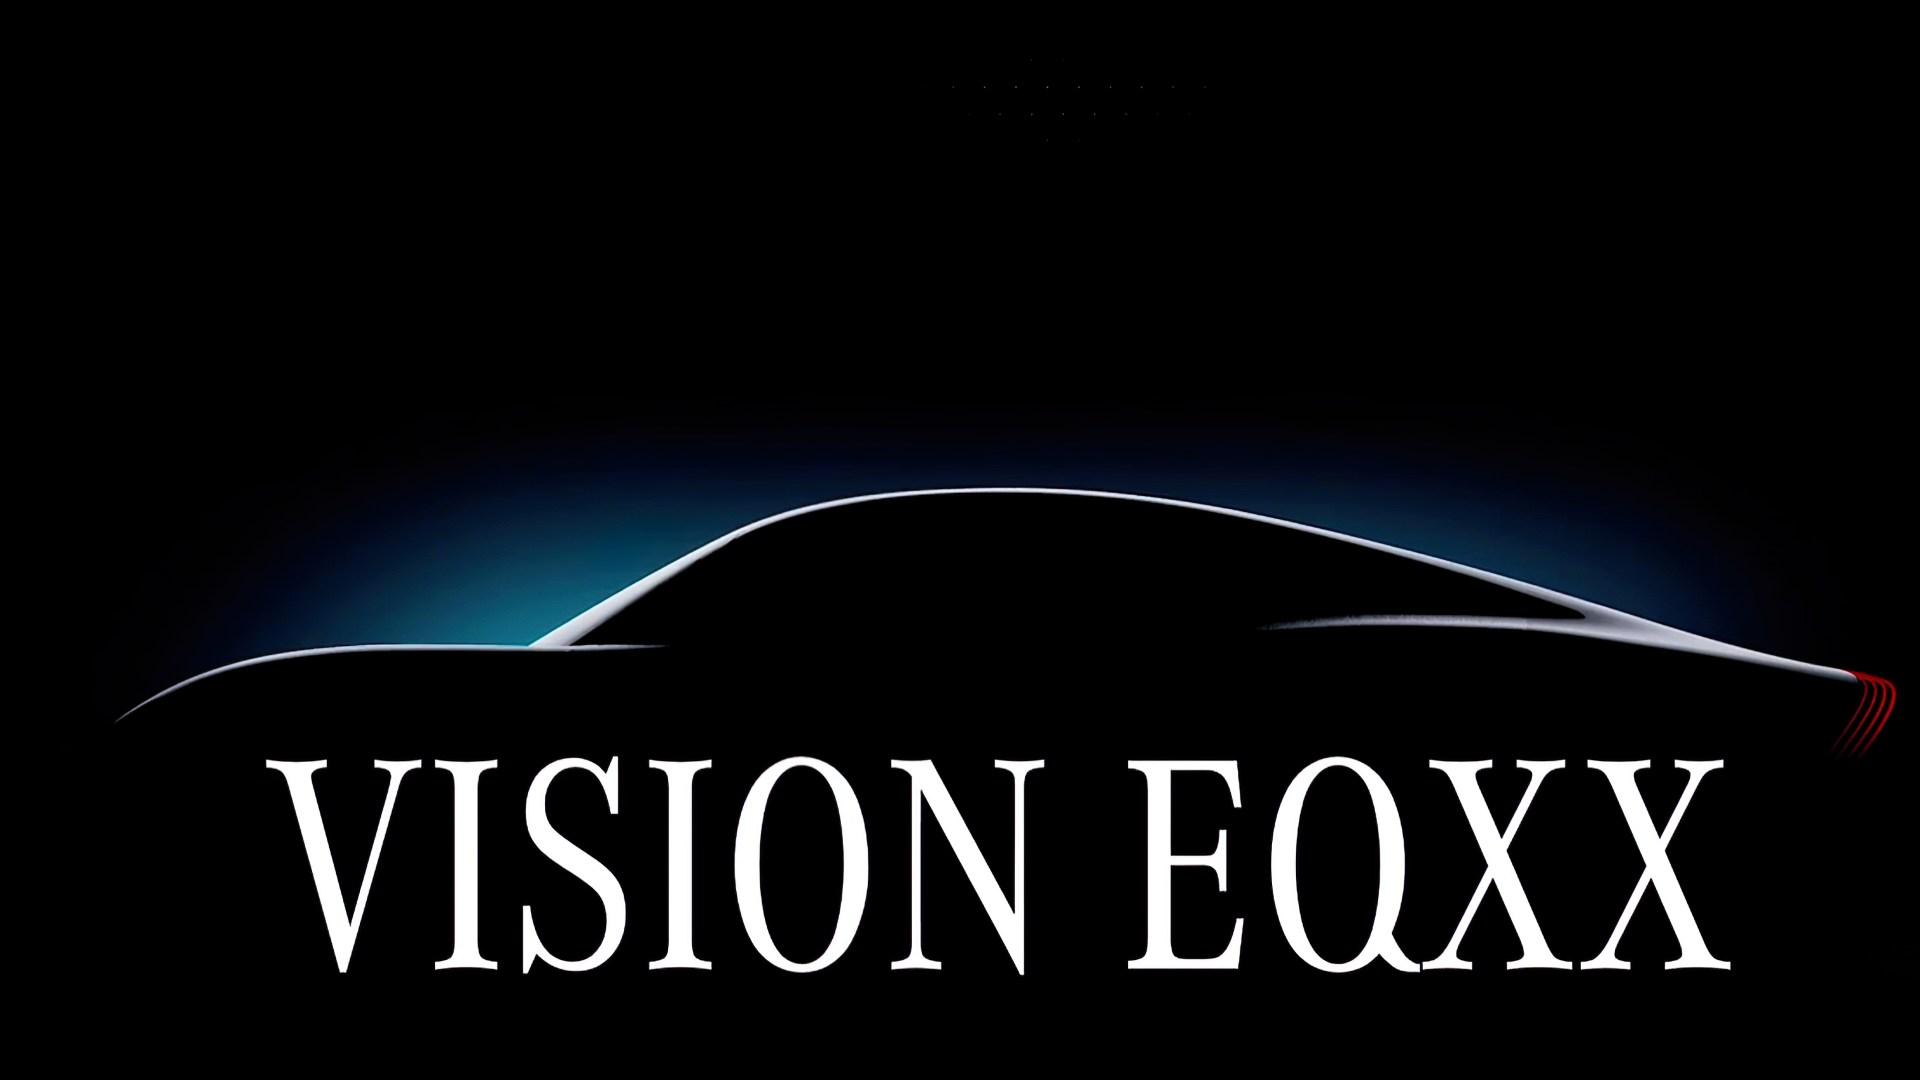 Elektroautos, Elektromobilität, Konzept, E-Auto, Mercedes Benz, Daimler, Mercedes, Mercedes-Benz, Mercedes-Benz Vision EQXX